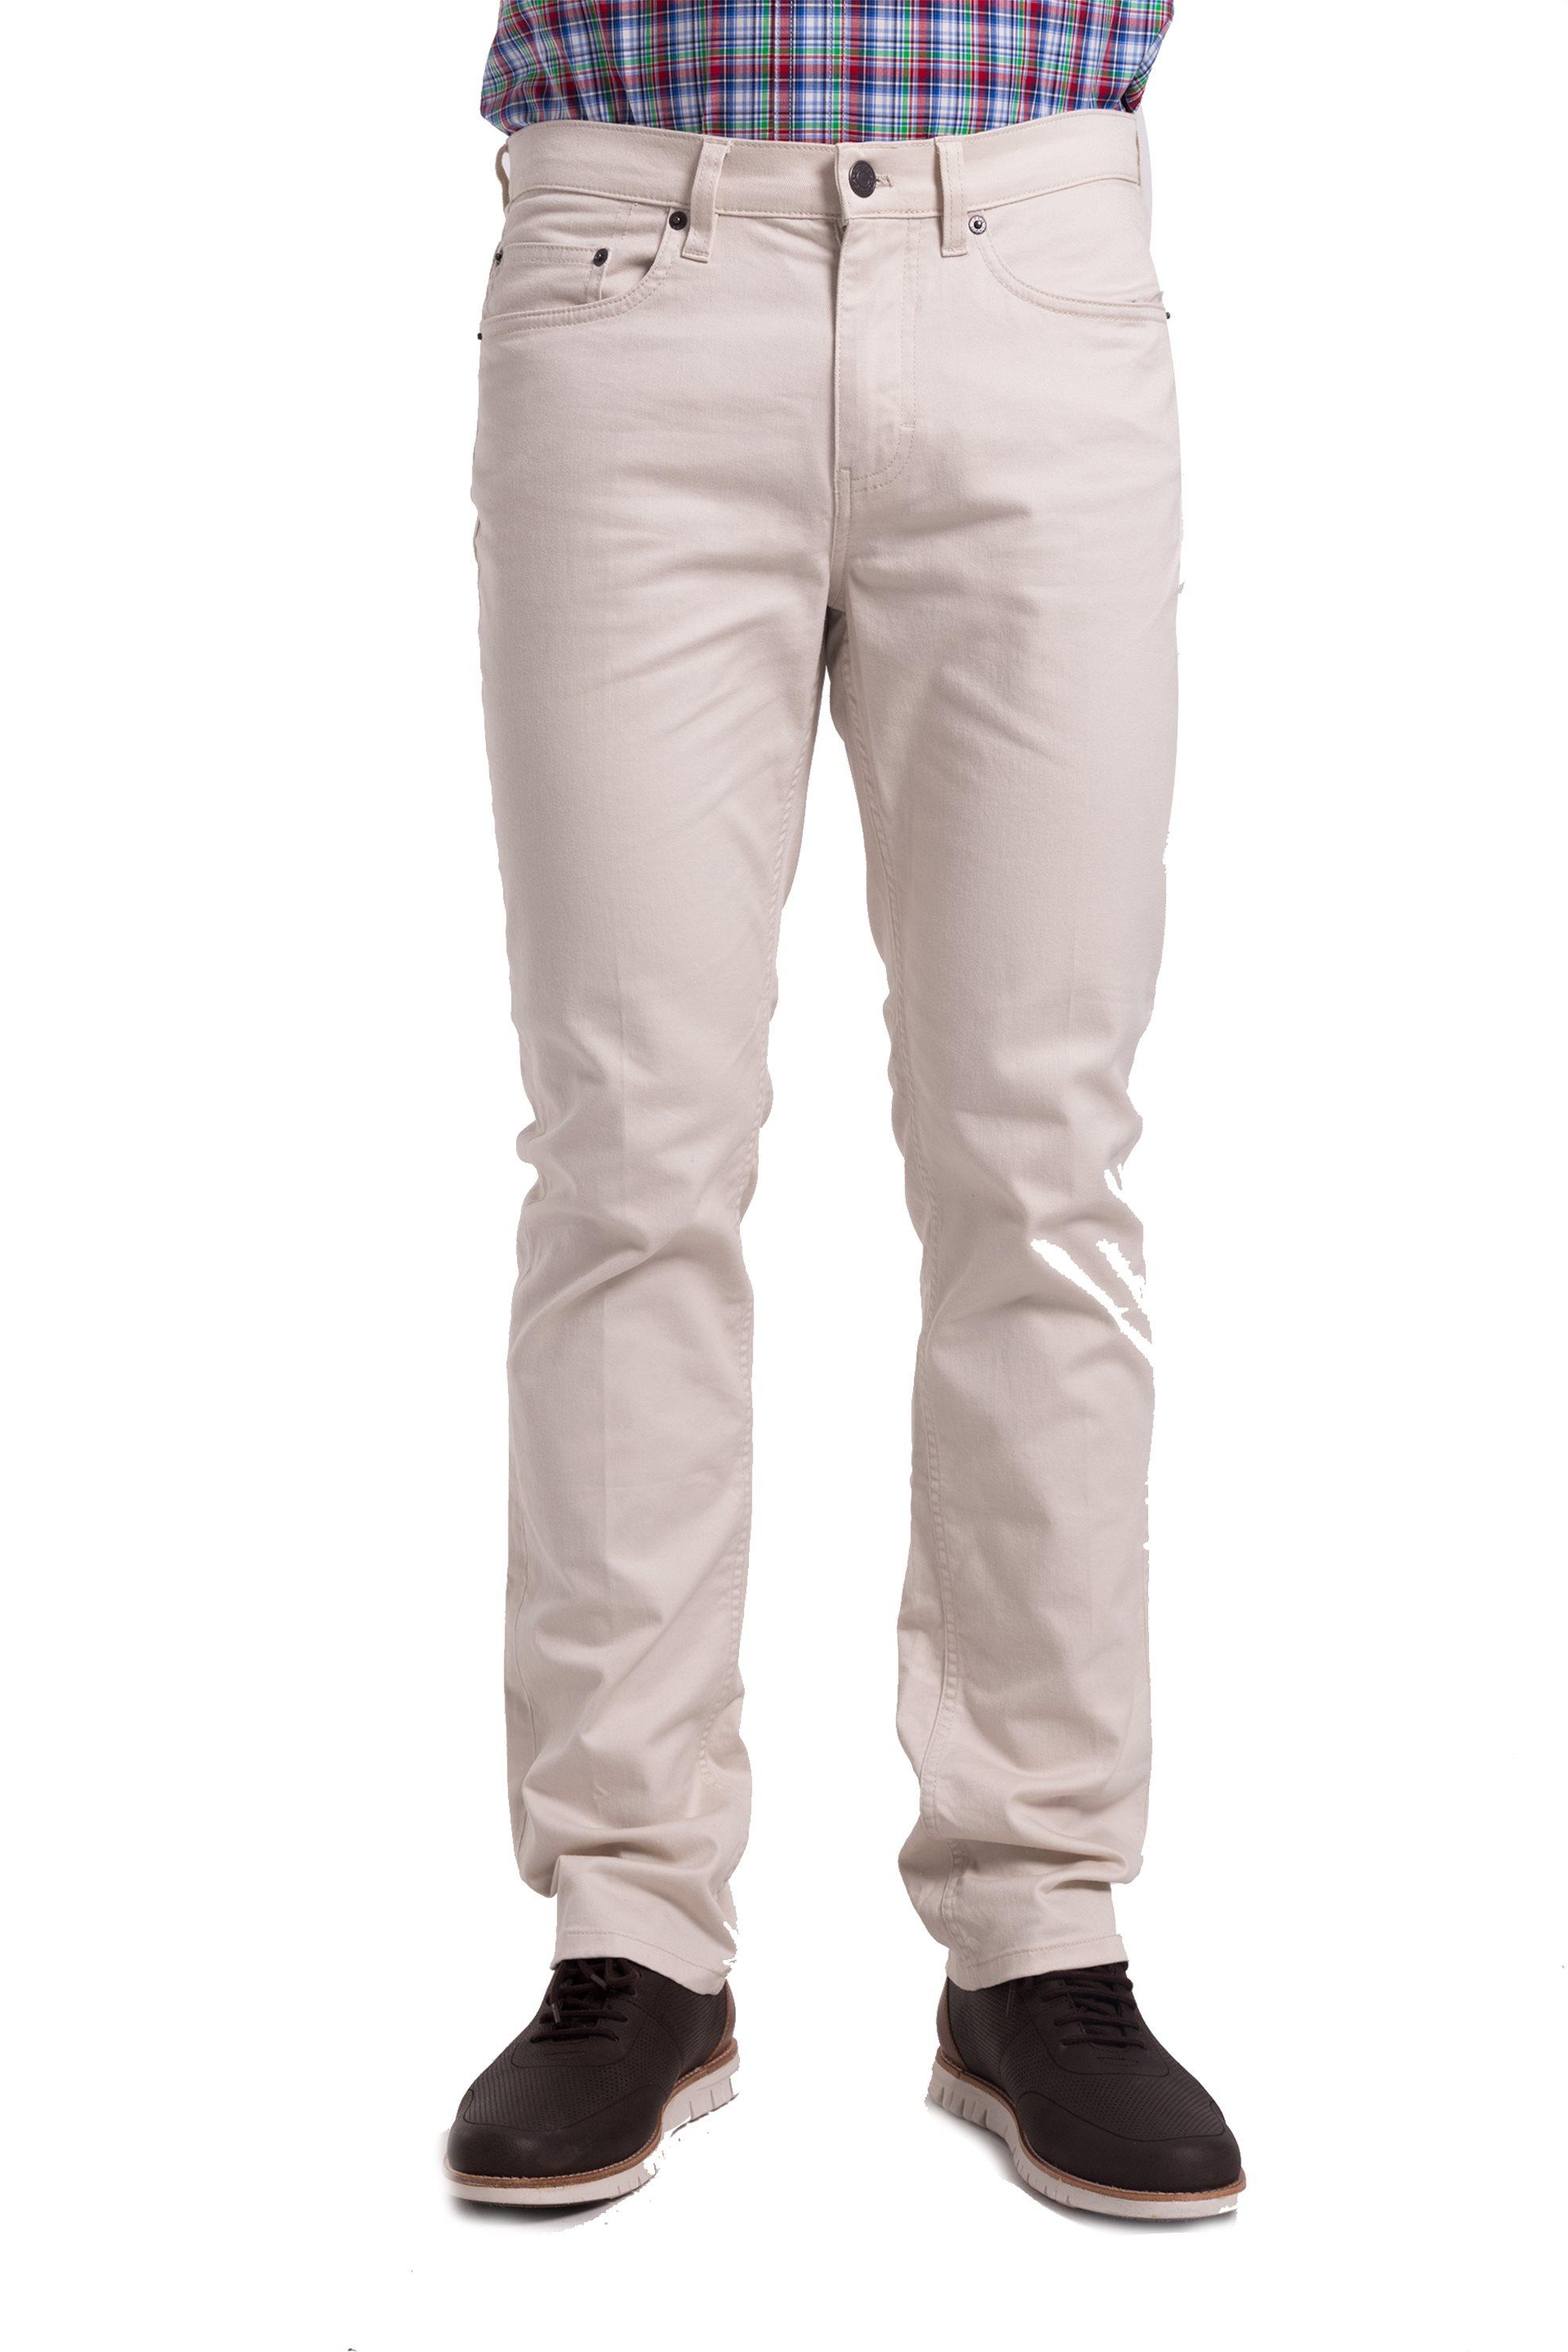 Ανδρικό Παντελόνι Μονόχρωμο Chaps - F01-XZACC-XYASA - Λευκό